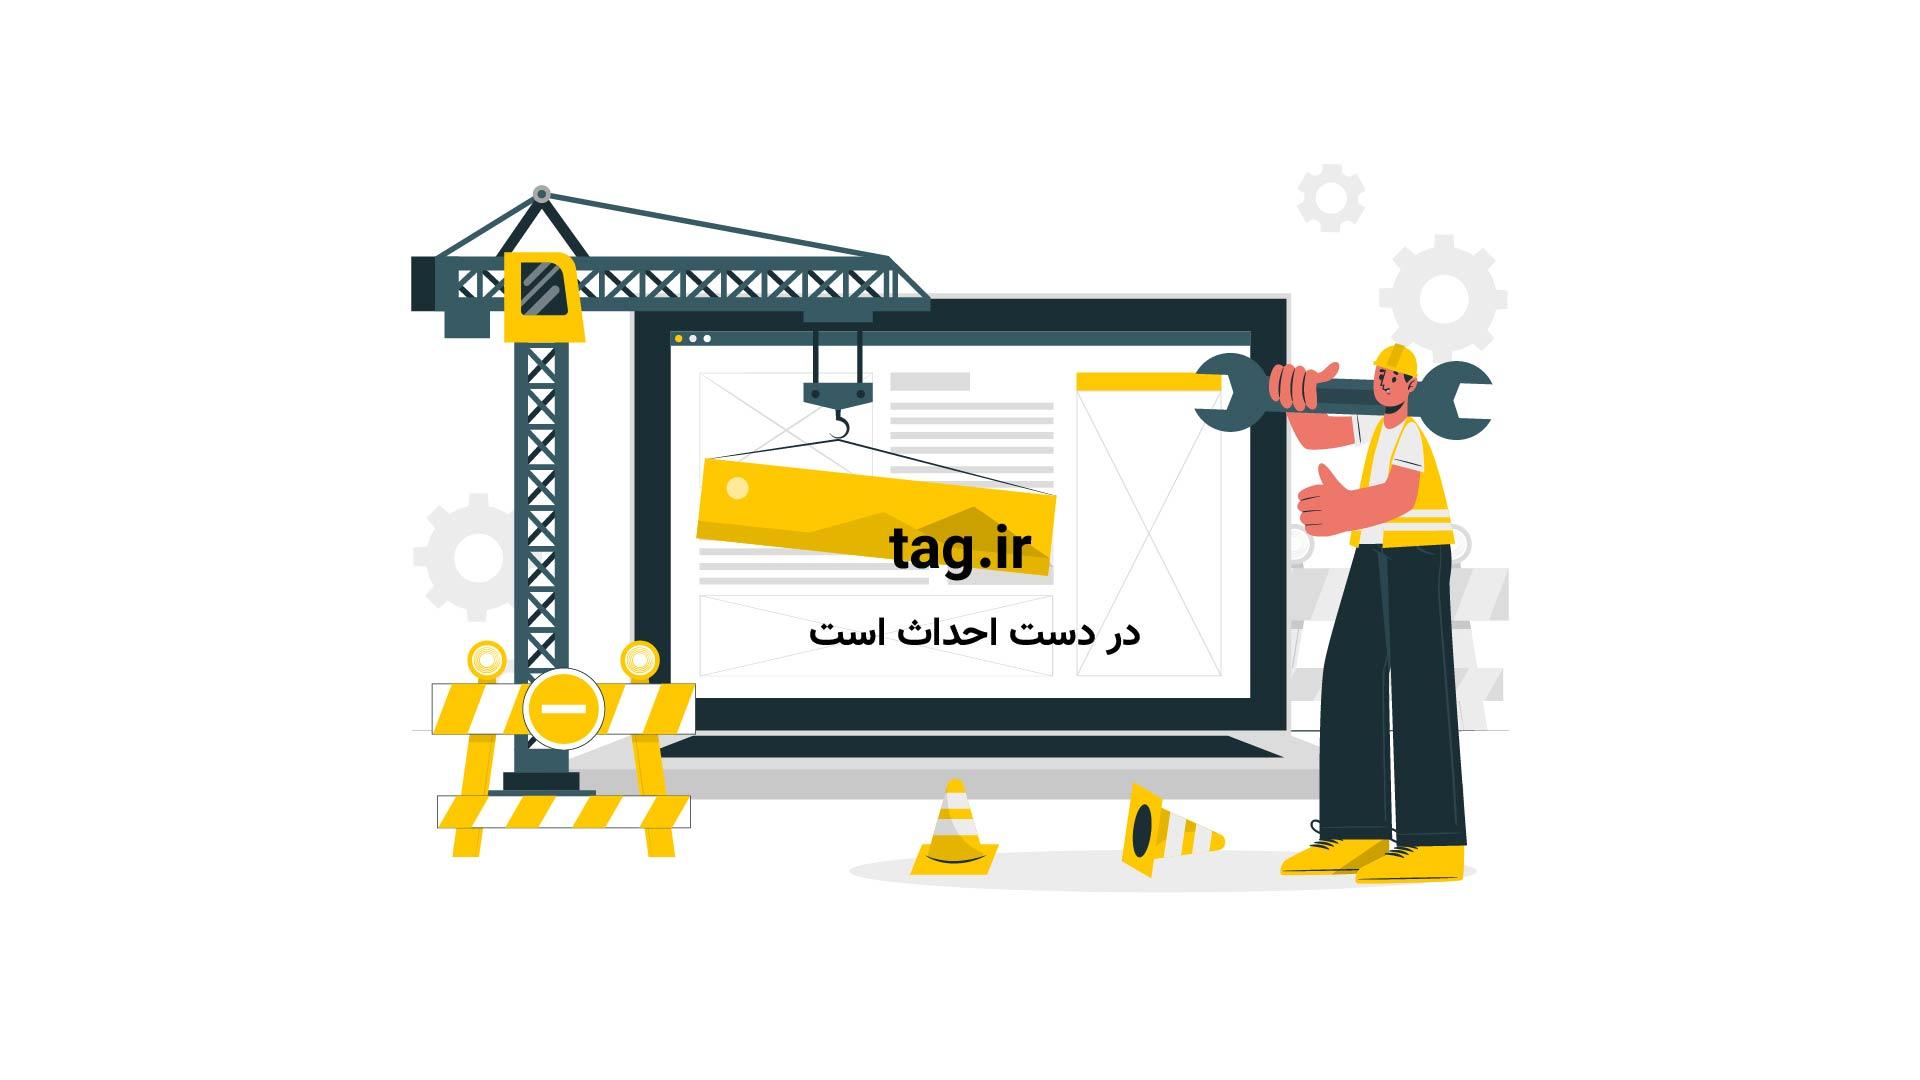 بازداشت کودک ۵ ساله ایرانی در فرودگاه ویرجینیا | فیلم